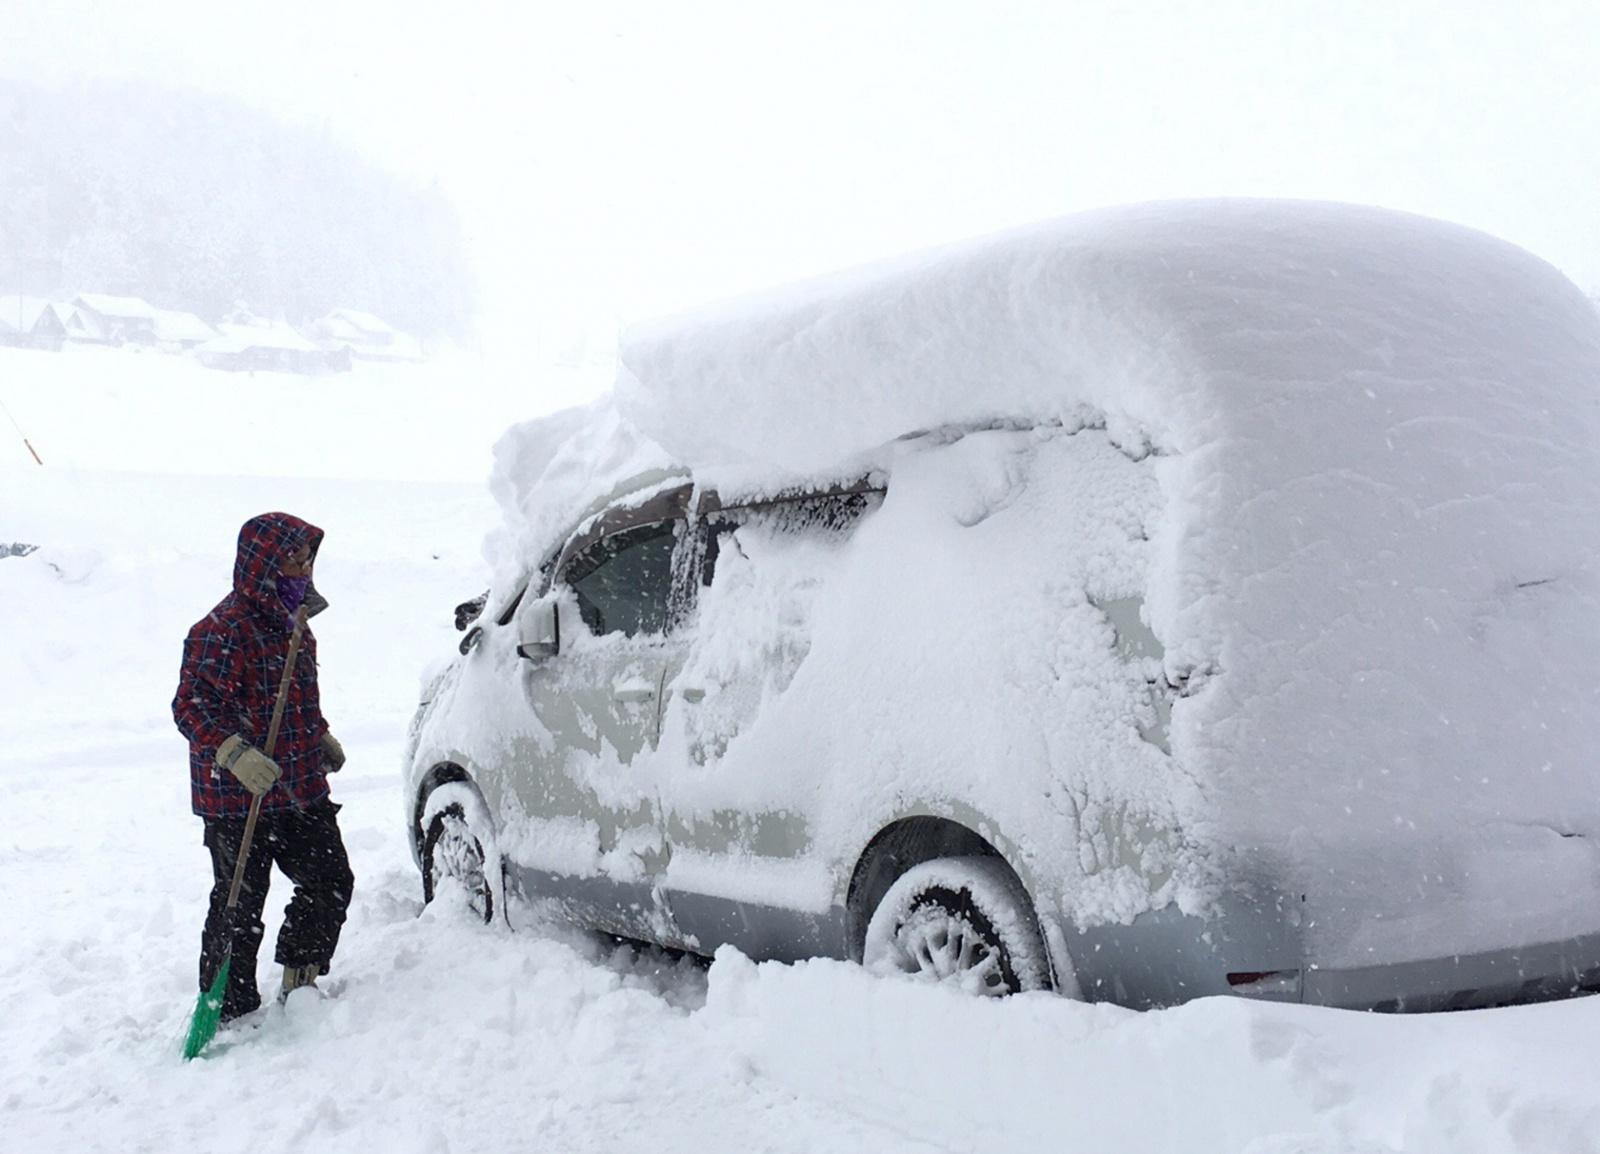 雪の量は本当に毎年同じなのか?帳尻を合わせる積雪量のウソホント